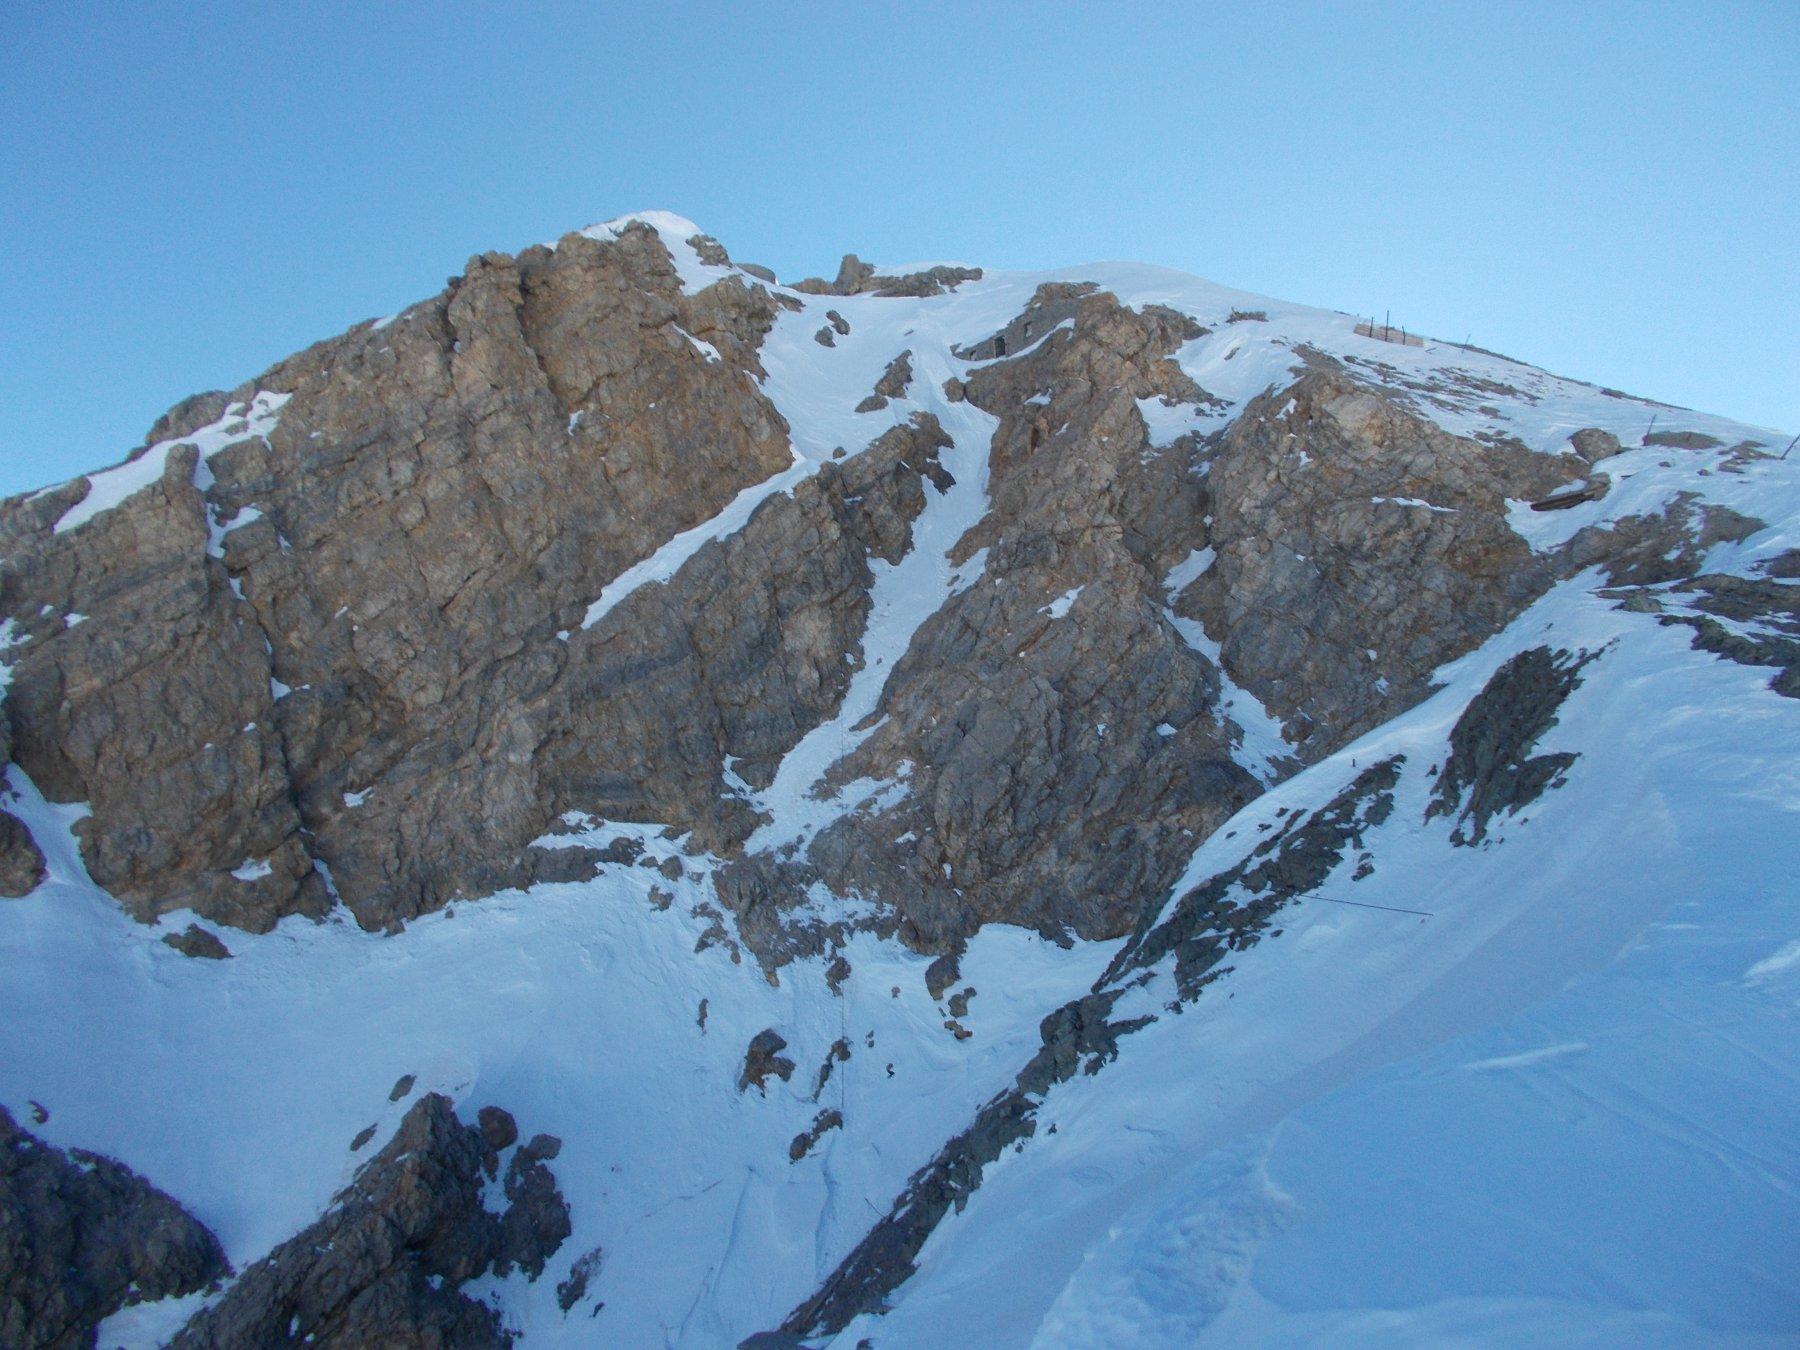 l'uscita dretta vista dalla spalla quota 3009.m..in fase di discesa..